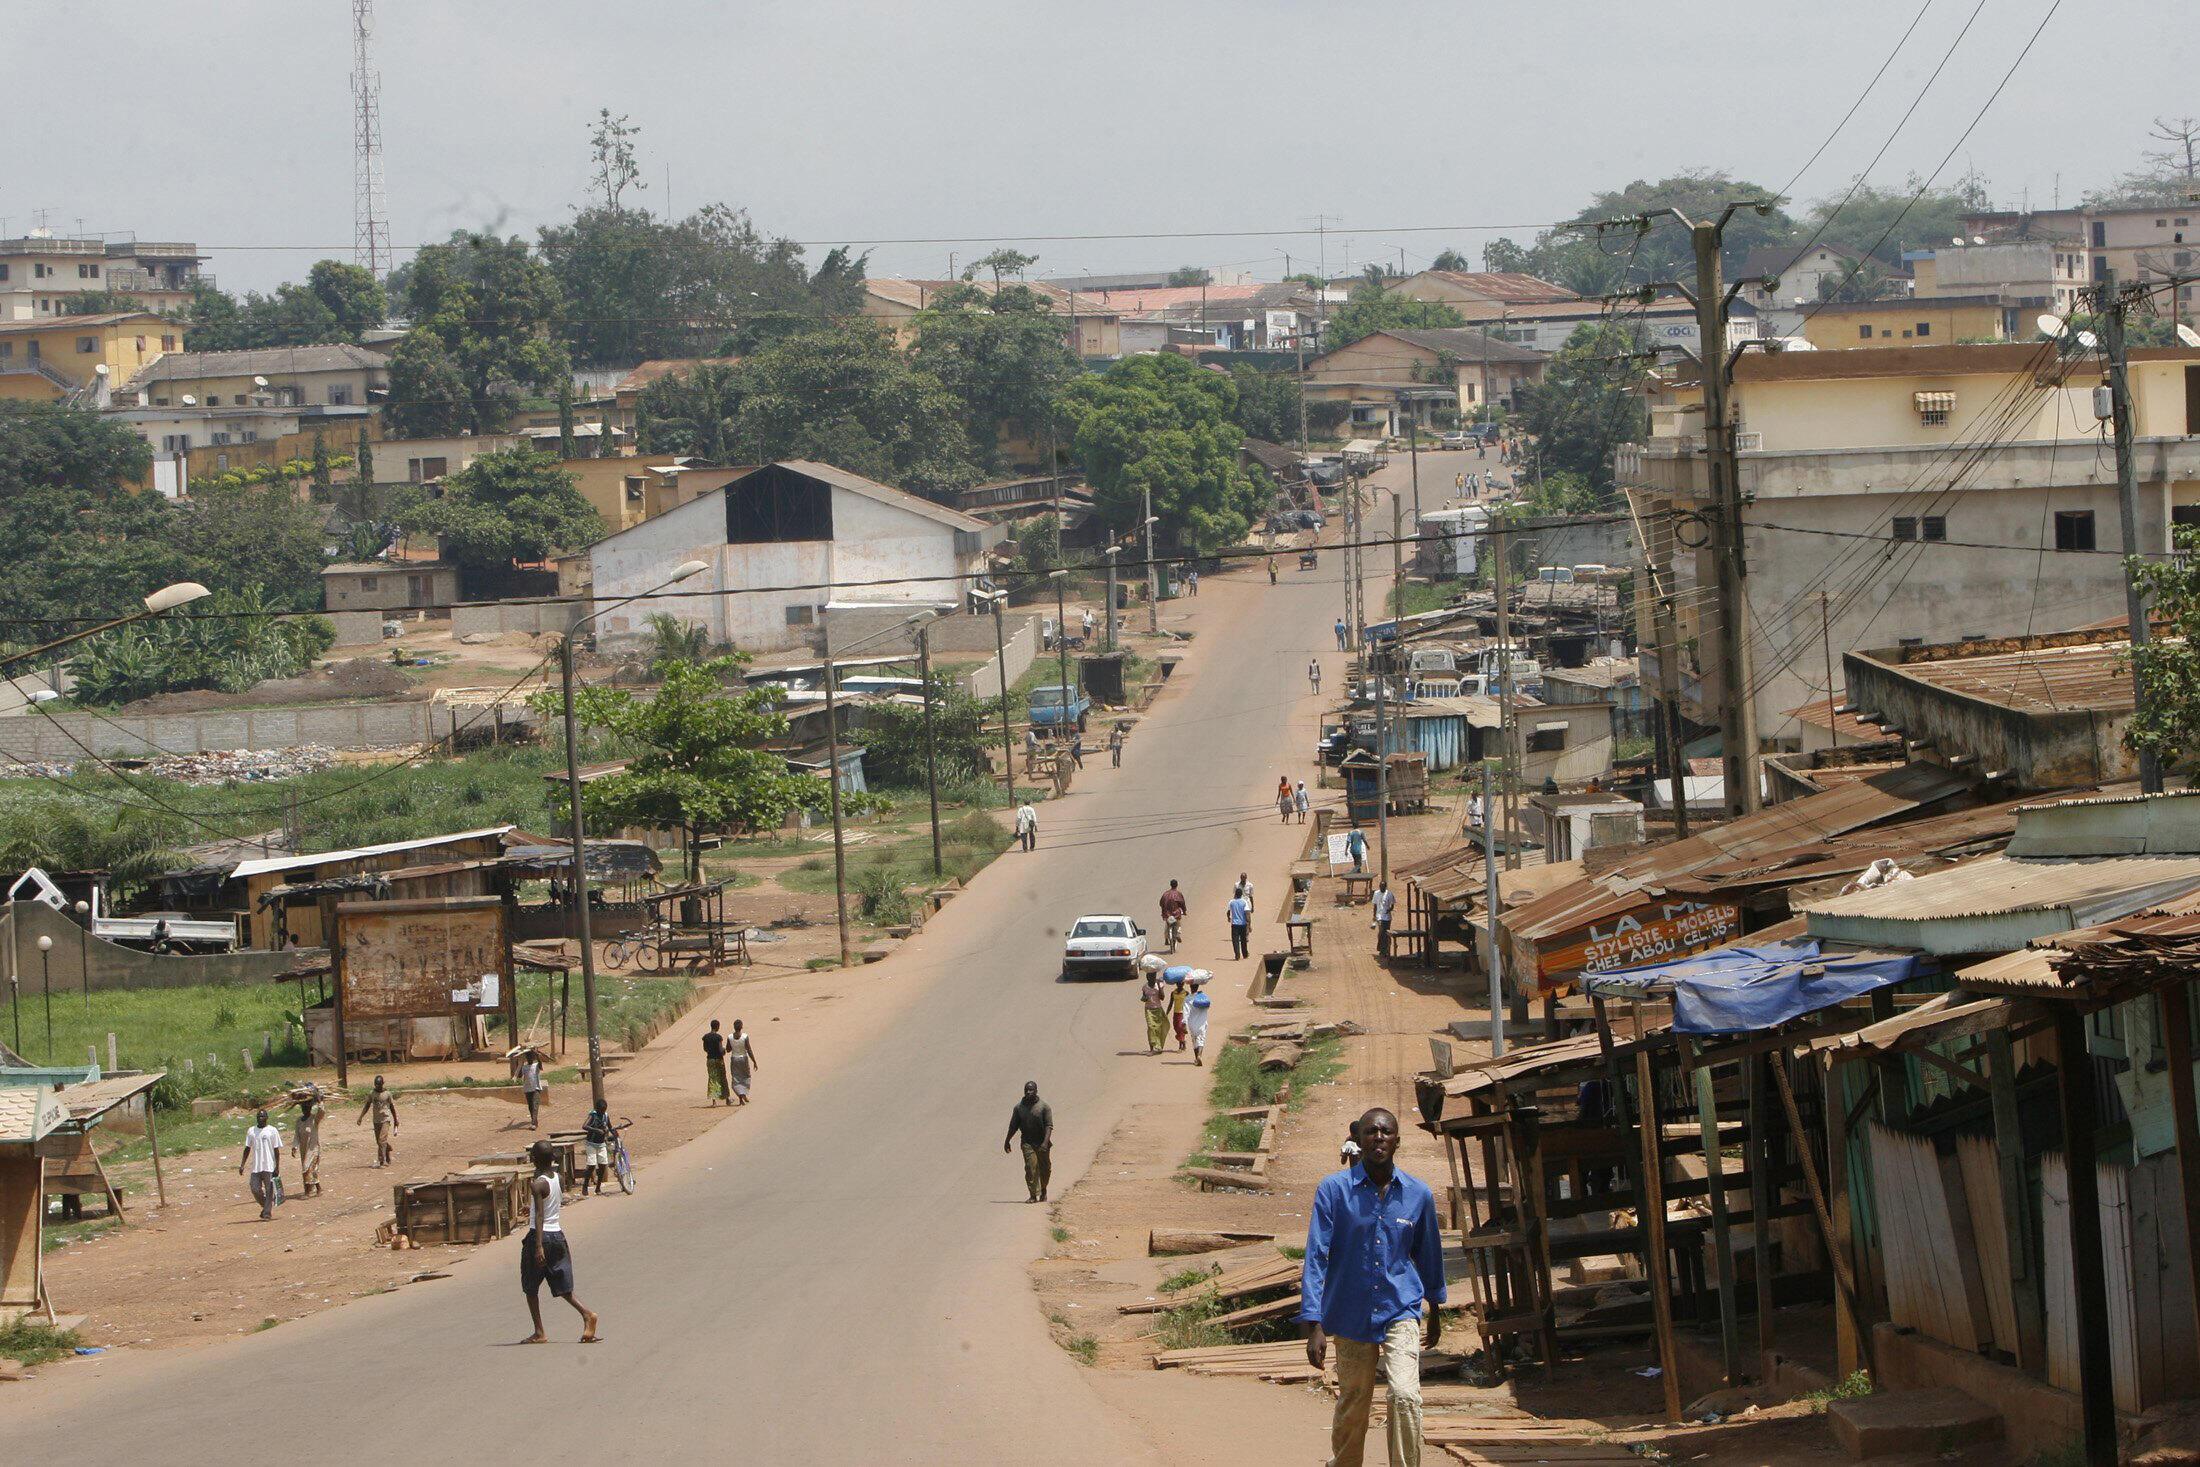 Vue d'une des rues principales de Gagnoa, en Côte d'Ivoire (image d'illustration).